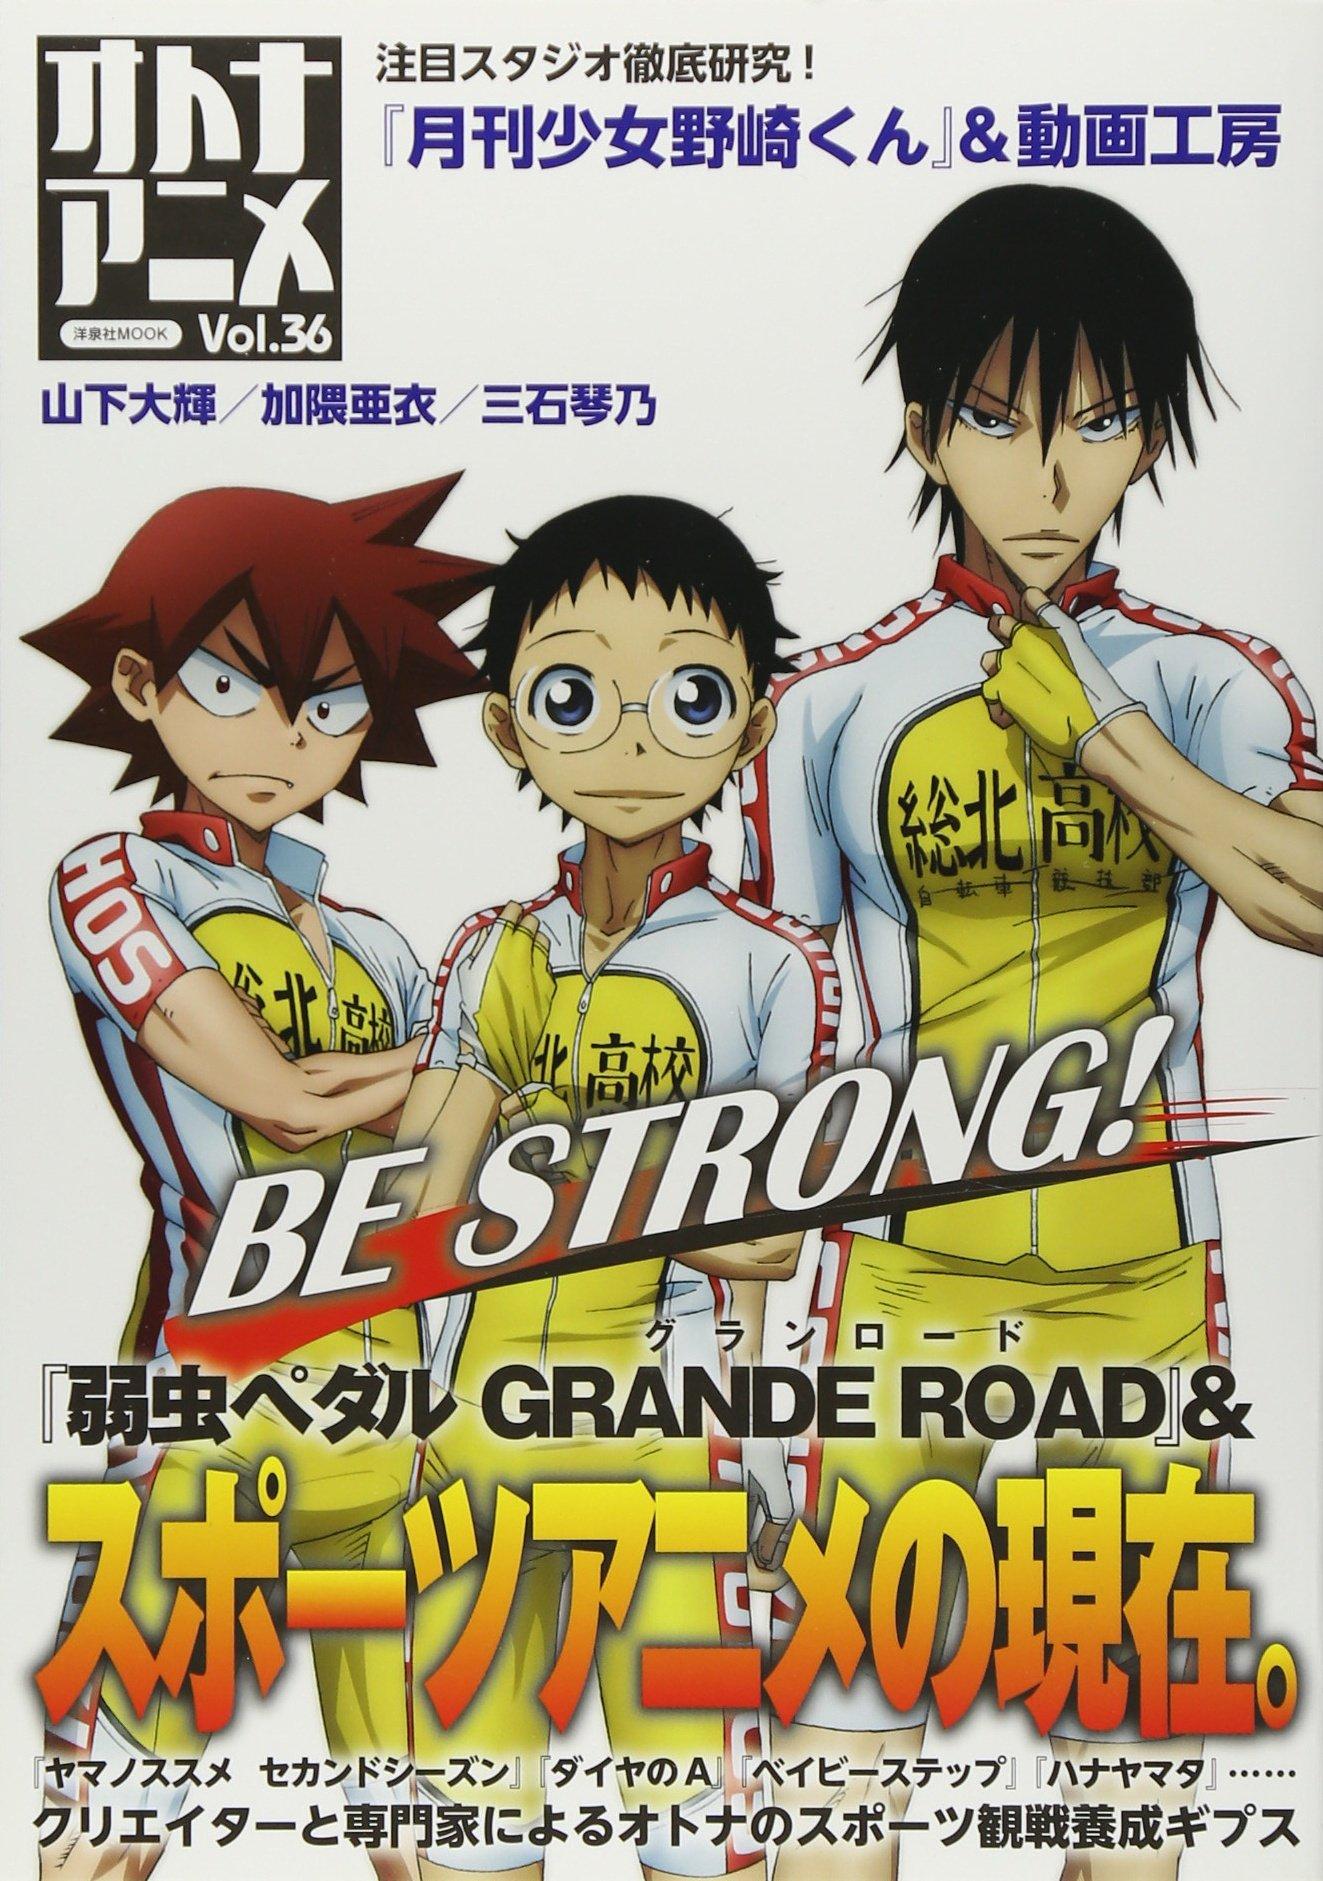 Yowamushi Pedaru Guran Roìdo Ando Supoìtsu Anime No Genzai